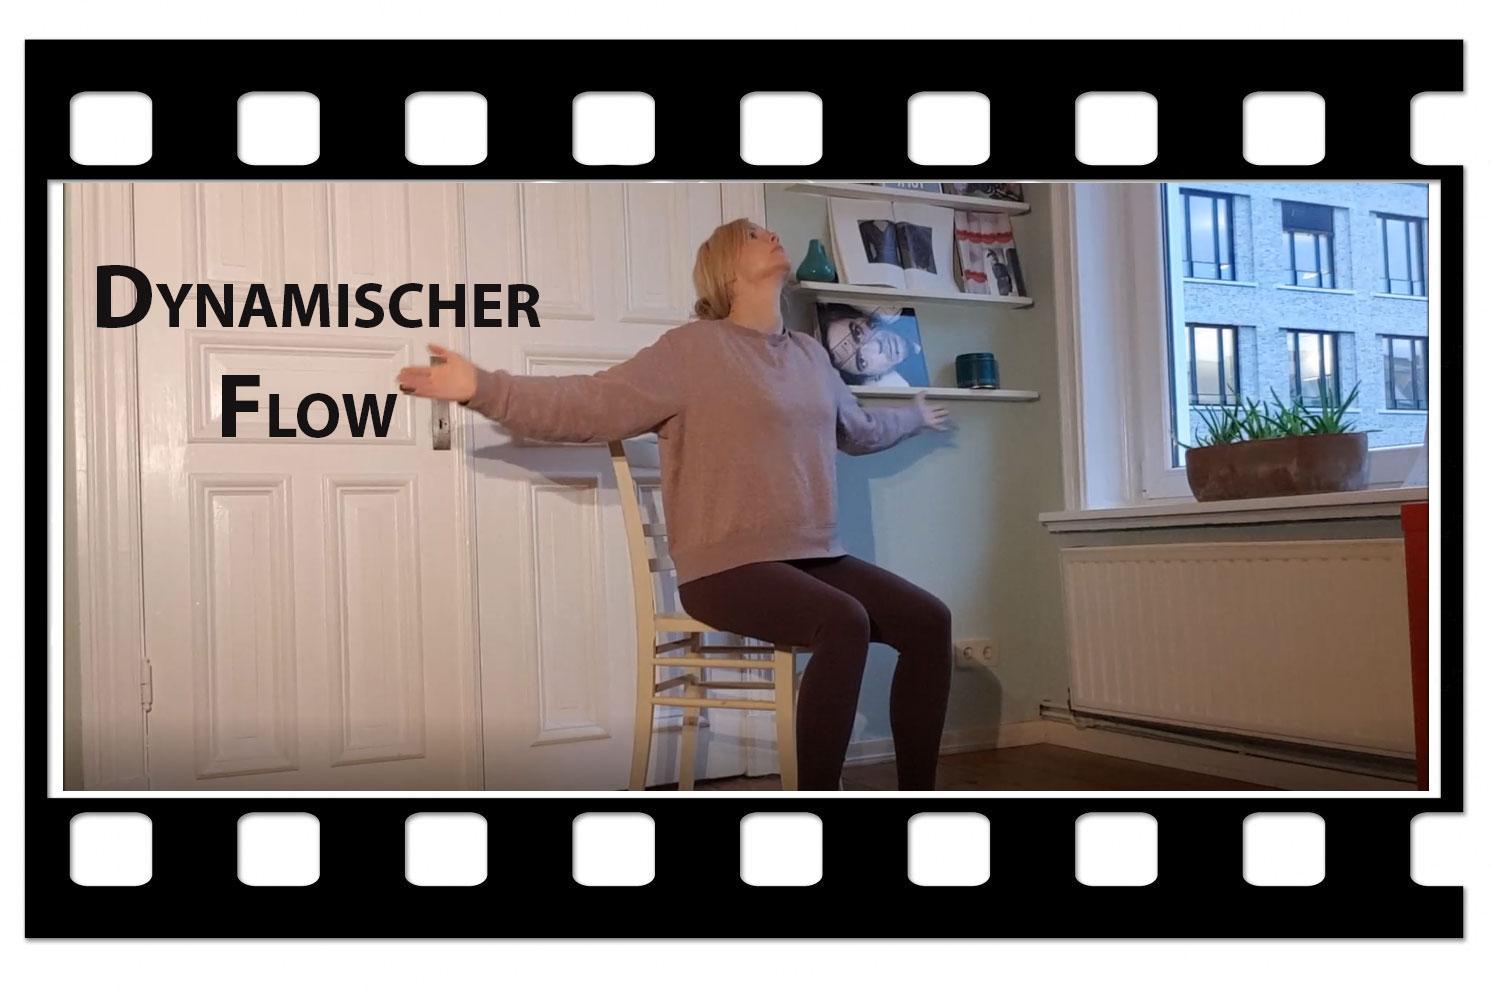 Videologo von Trotzallembewegnd umrahmt Michelle Laise, die auf einem Stuhl eine Yohahaltung aus der dazugehörigen Videoanleitung zeigt. Titel: dynamischer Flow